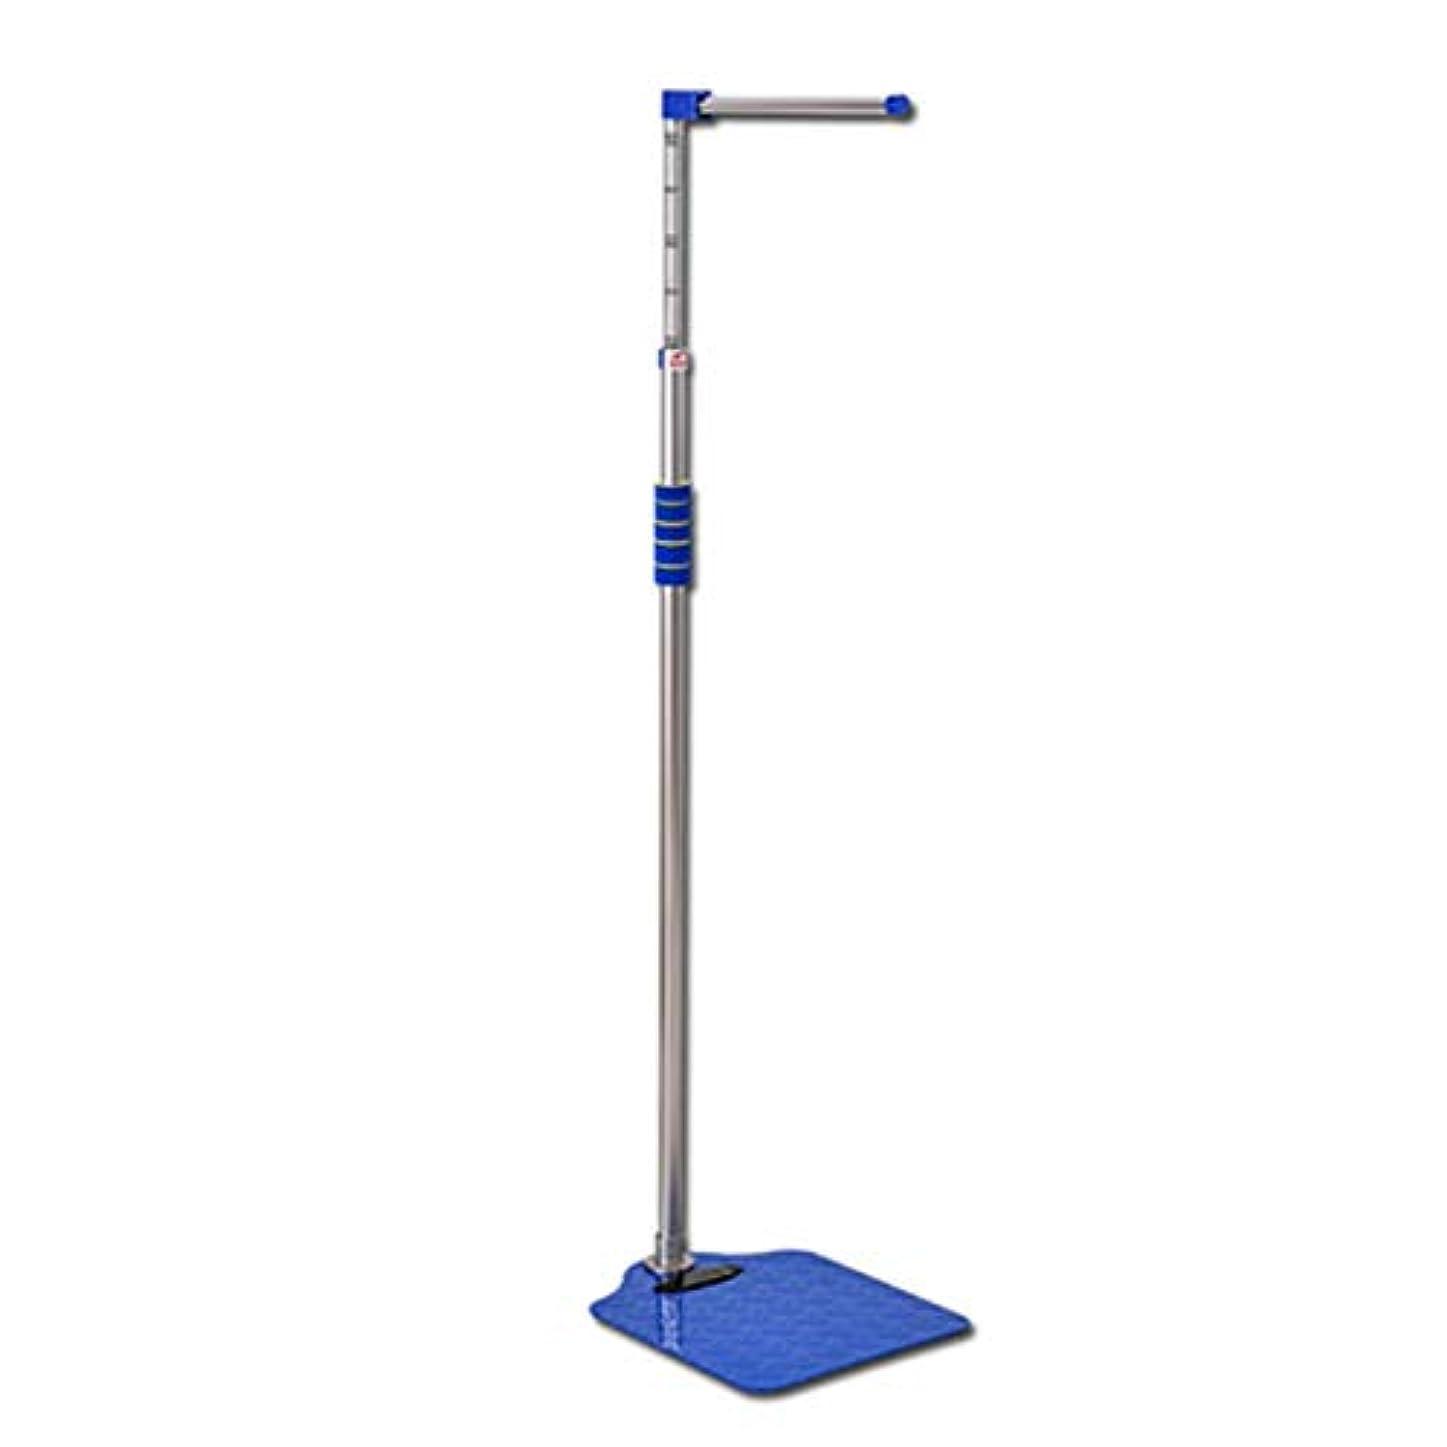 火山学きらめき怒るコンパクトな身長と体重計、高精度の電子デジタル医療用体重計、397 Ib(180 kg)